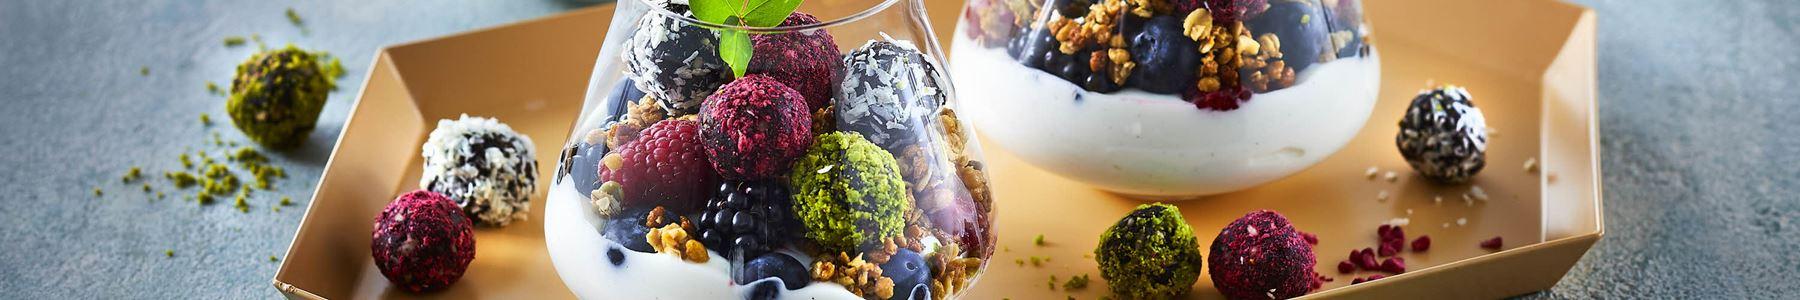 Blåbær + Snacks og tapas